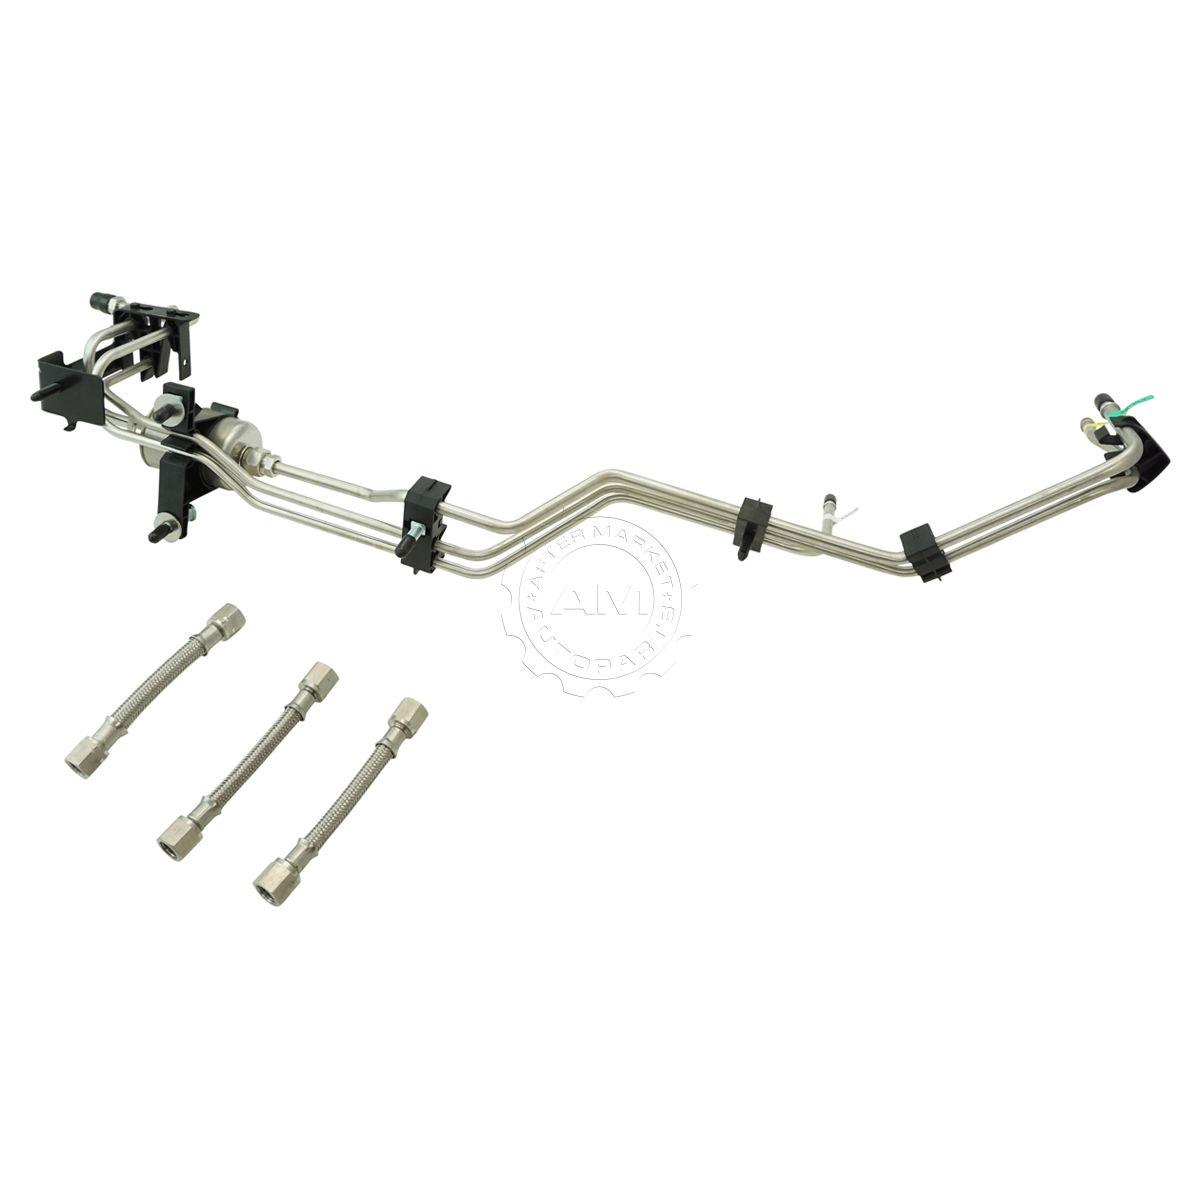 Dorman 919 814 Stainless Steel Fuel Like Repair Kit Set